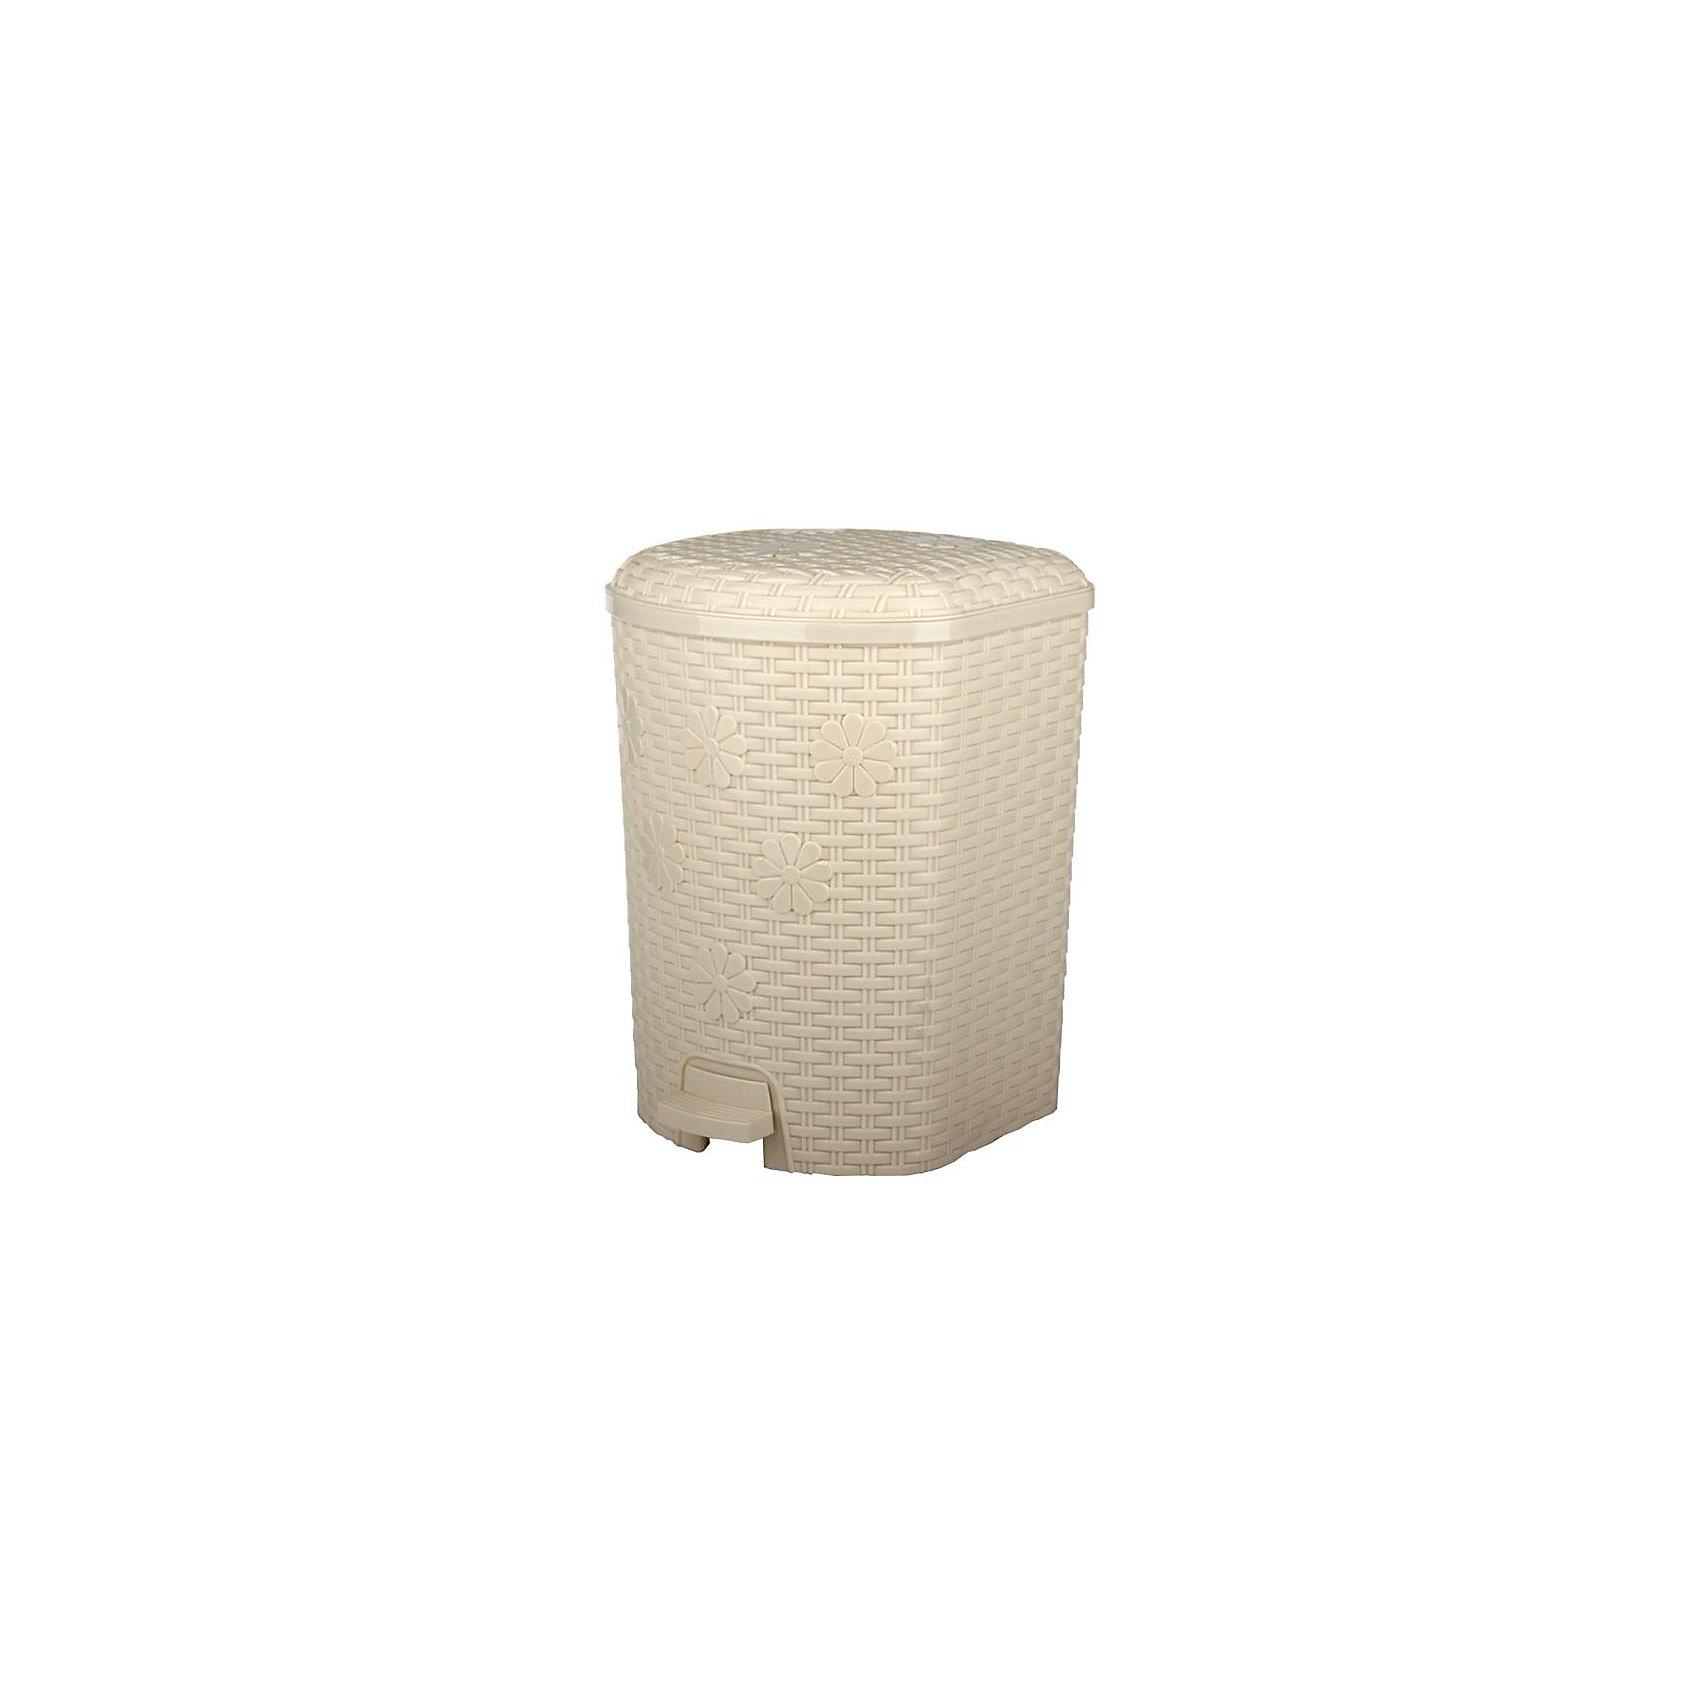 Контейнер для мусора Плетёнка 12л., Alternativa, слоновая костьХарактеристики:<br><br>• Предназначение: для мусора<br>• Материал: пластик<br>• Цвет: слоновая кость<br>• Размер (Д*Ш*В): 22,8*22,5*33,6 см<br>• Вместимость (объем): 12 л<br>• Форма: прямоугольный<br>• Наличие крышки <br>• Наличие педали<br>• Наличие внутреннего контейнера-вкладыша с ручкой<br>• Особенности ухода: разрешается мыть теплой водой<br><br>Контейнер для мусора Плетёнка 12 л., Alternativa, слоновая кость изготовлен отечественным производителем ООО ЗПИ Альтернатива, который специализируется на выпуске широкого спектра изделий из пластика. Контейнер выполнен из экологически безопасного пластика, устойчивого к механическим повреждениям, корпус оформлен имитацией плетения из лозы, в комплекте внутренний контейнер-вкладыш с ручкой и педаль для подъма крышки. Изделие имеет удобную форму, достаточно легкое в уходе. Контейнер для мусора Плетёнка 12 л., Alternativa, слоновая кость позволит поддерживать порядок дома без особого труда.<br><br>Контейнер для мусора Плетёнка 12 л., Alternativa, слоновая кость можно купить в нашем интернет-магазине.<br><br>Ширина мм: 228<br>Глубина мм: 225<br>Высота мм: 336<br>Вес г: 1323<br>Возраст от месяцев: 6<br>Возраст до месяцев: 84<br>Пол: Унисекс<br>Возраст: Детский<br>SKU: 5096591